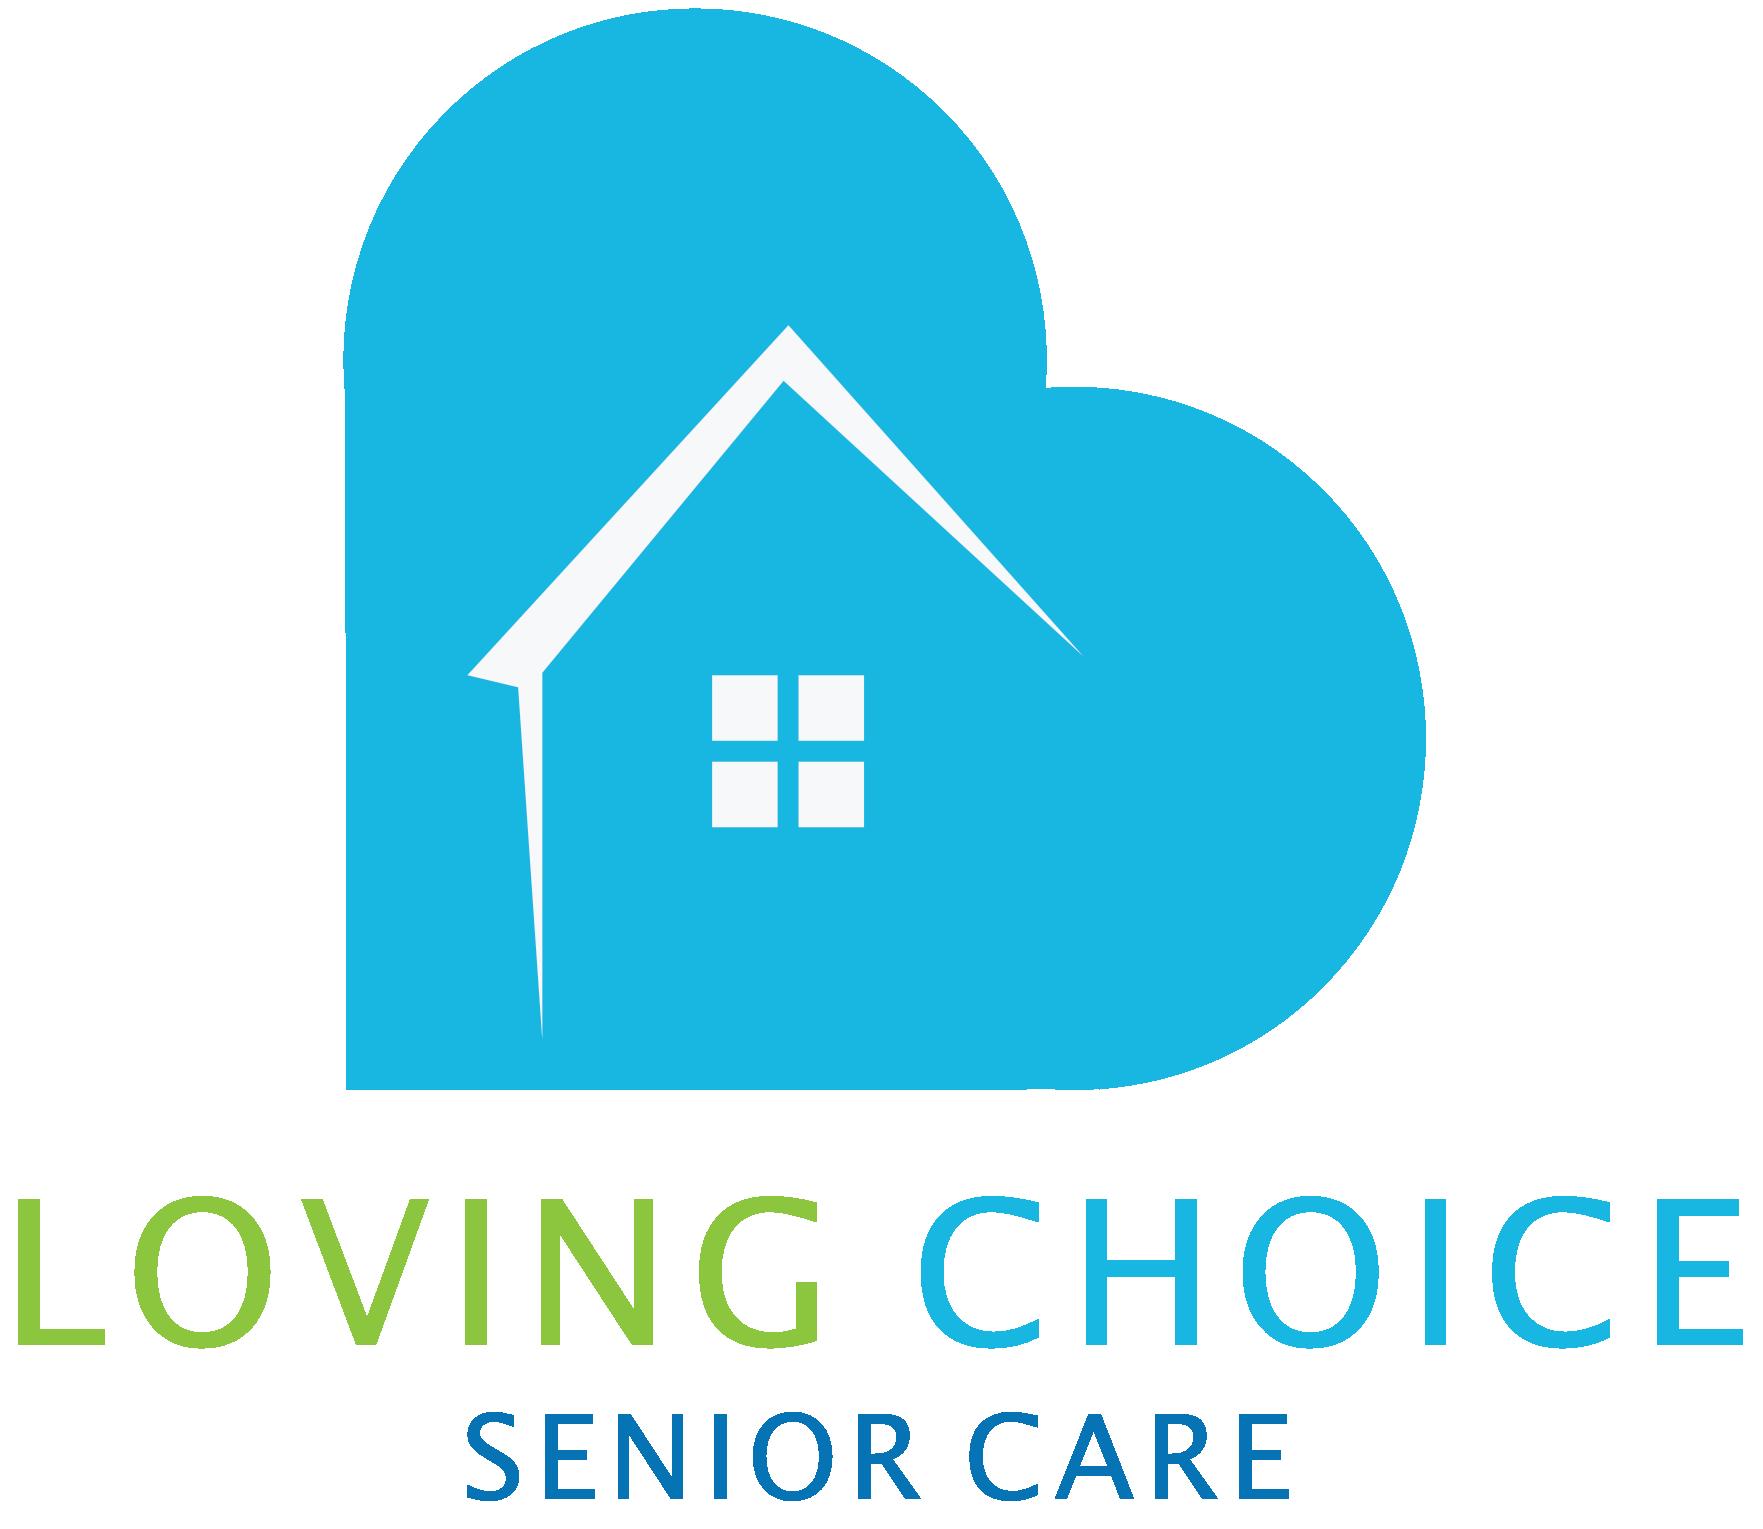 Loving Choice Senior Care